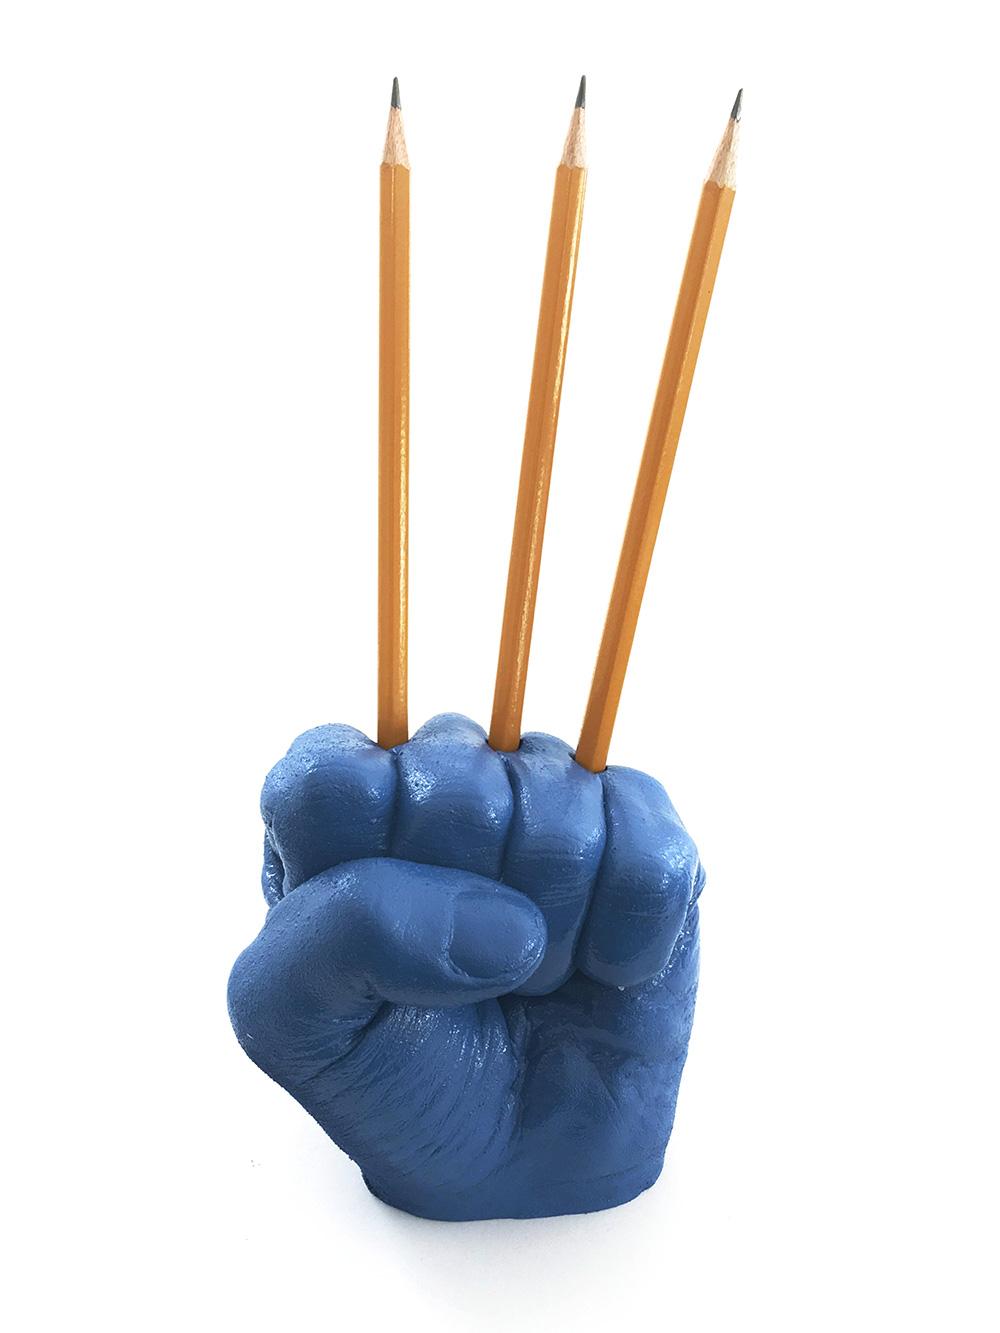 העיפרון של רוני אדרי (אגרוף כחול משמש כסטנד לשלושה עפרונות)